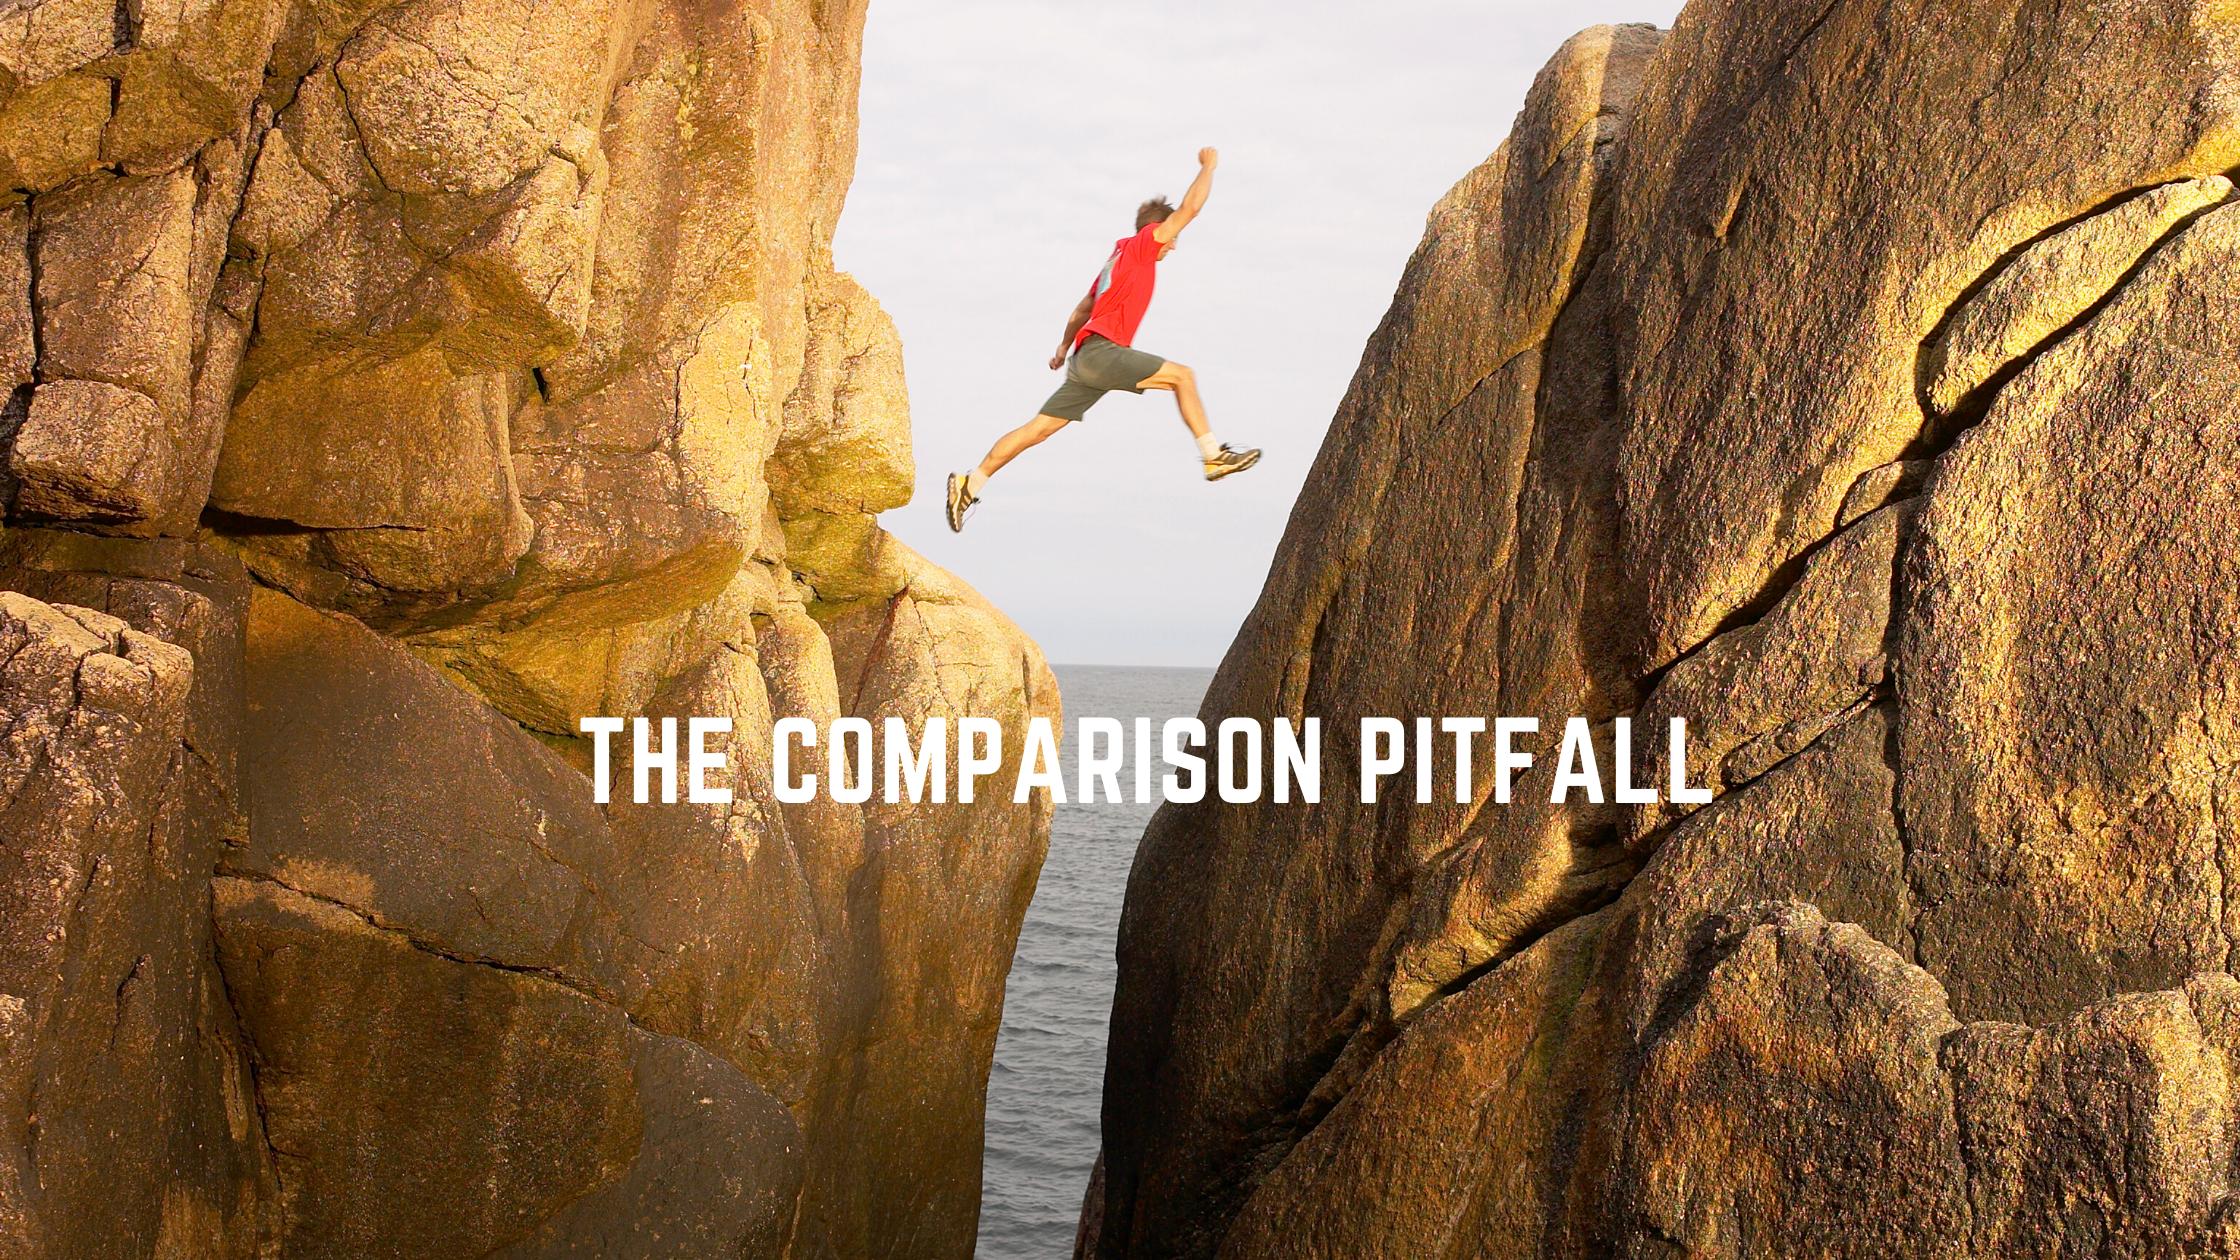 The Comparison Pitfall